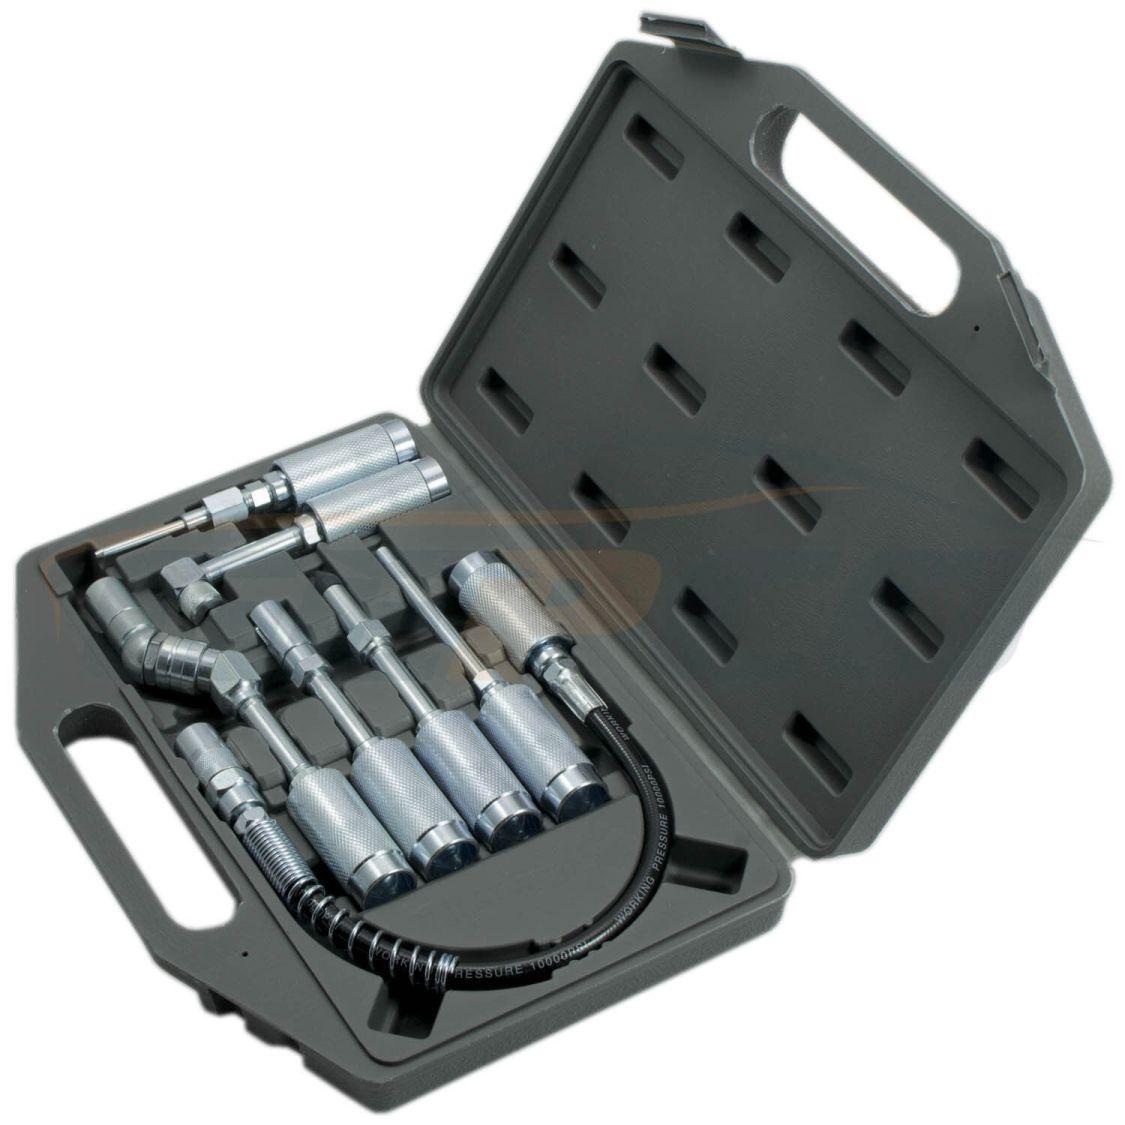 7-tlg Fettpresse Zubehör Adapter Zubehörsatz für Fettpressen Werkzeug Set